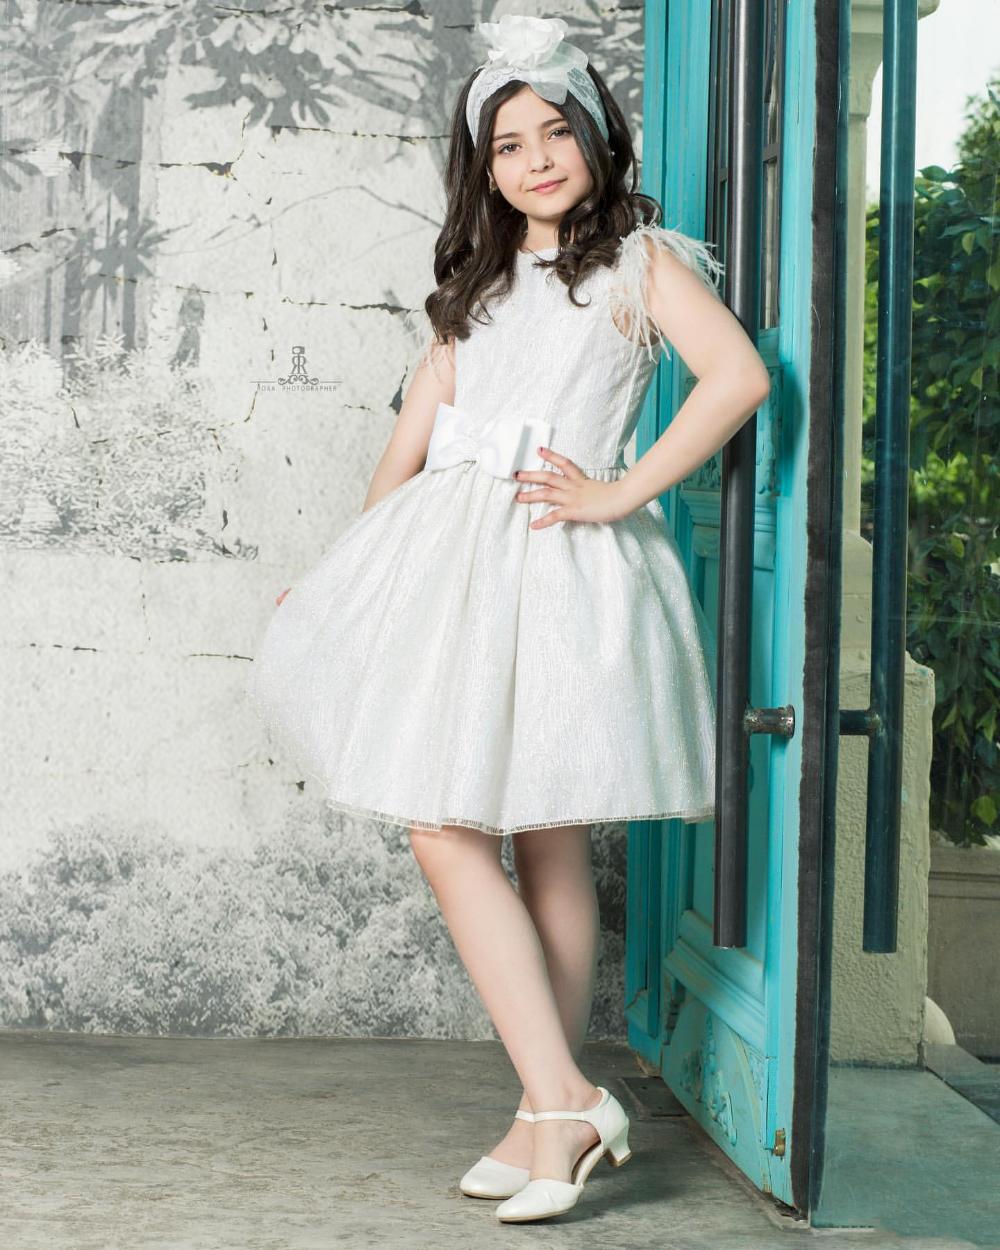 رند الشهيلي Rand Hamad1 Ligaviewer Is The Best Instagram Viewer Baby Leggings My Princess Dresses